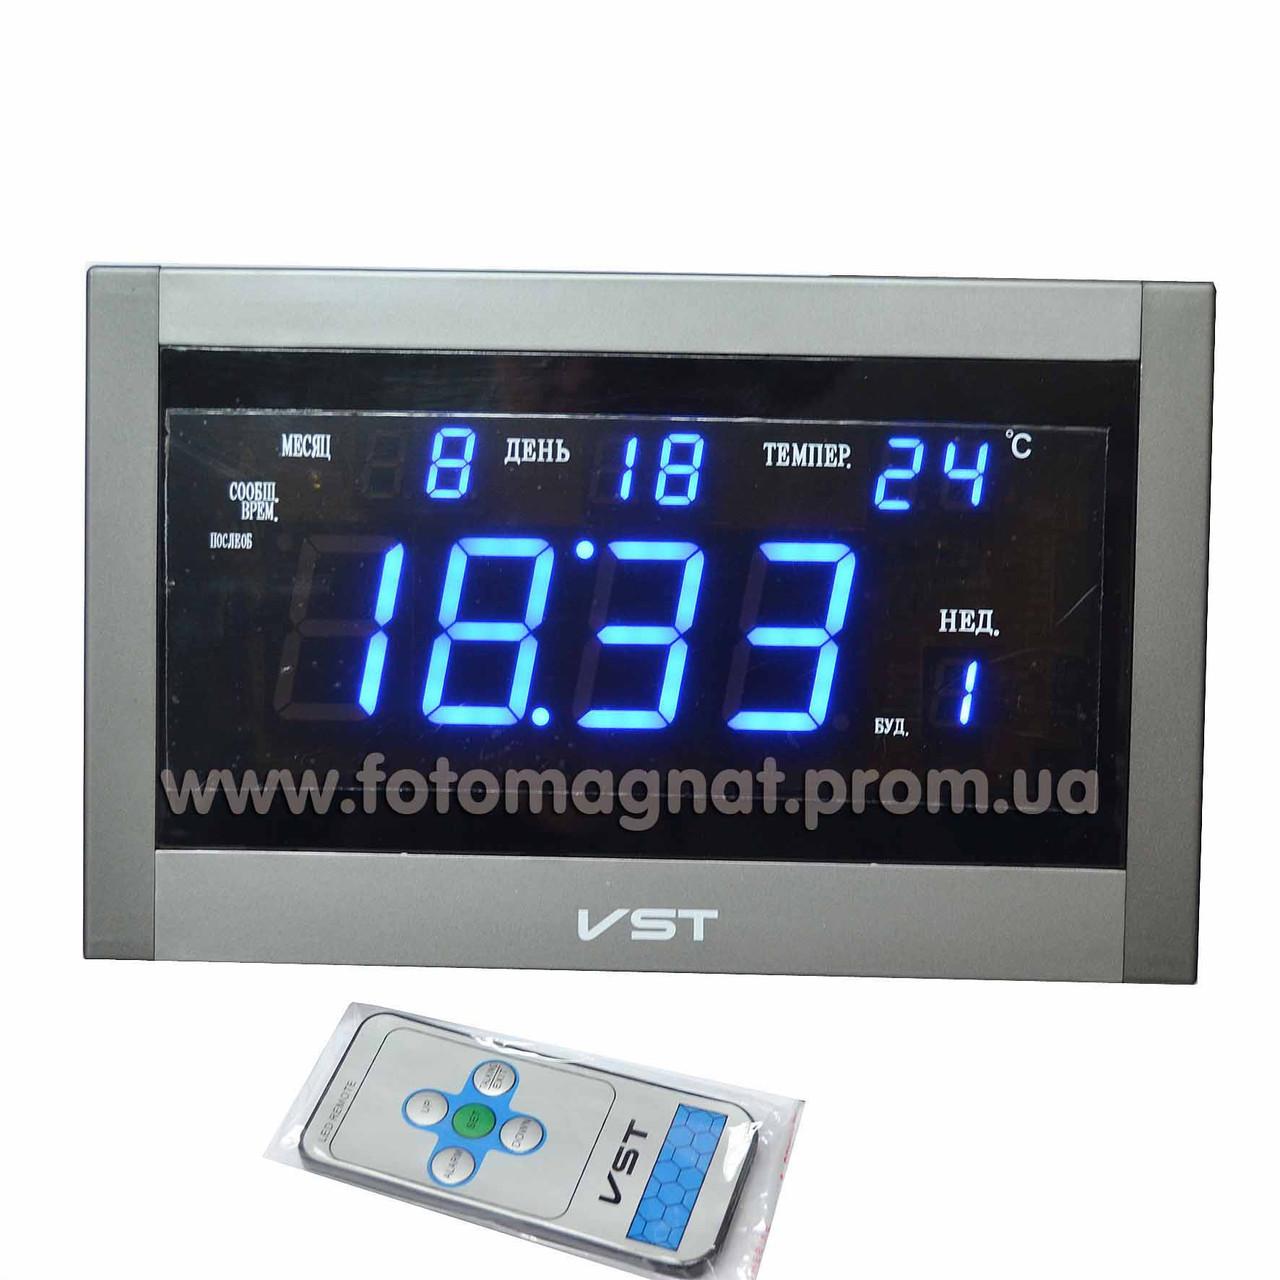 Говорящие сетевые часы VST 771 Т-5 — Настольное и настенное крепление